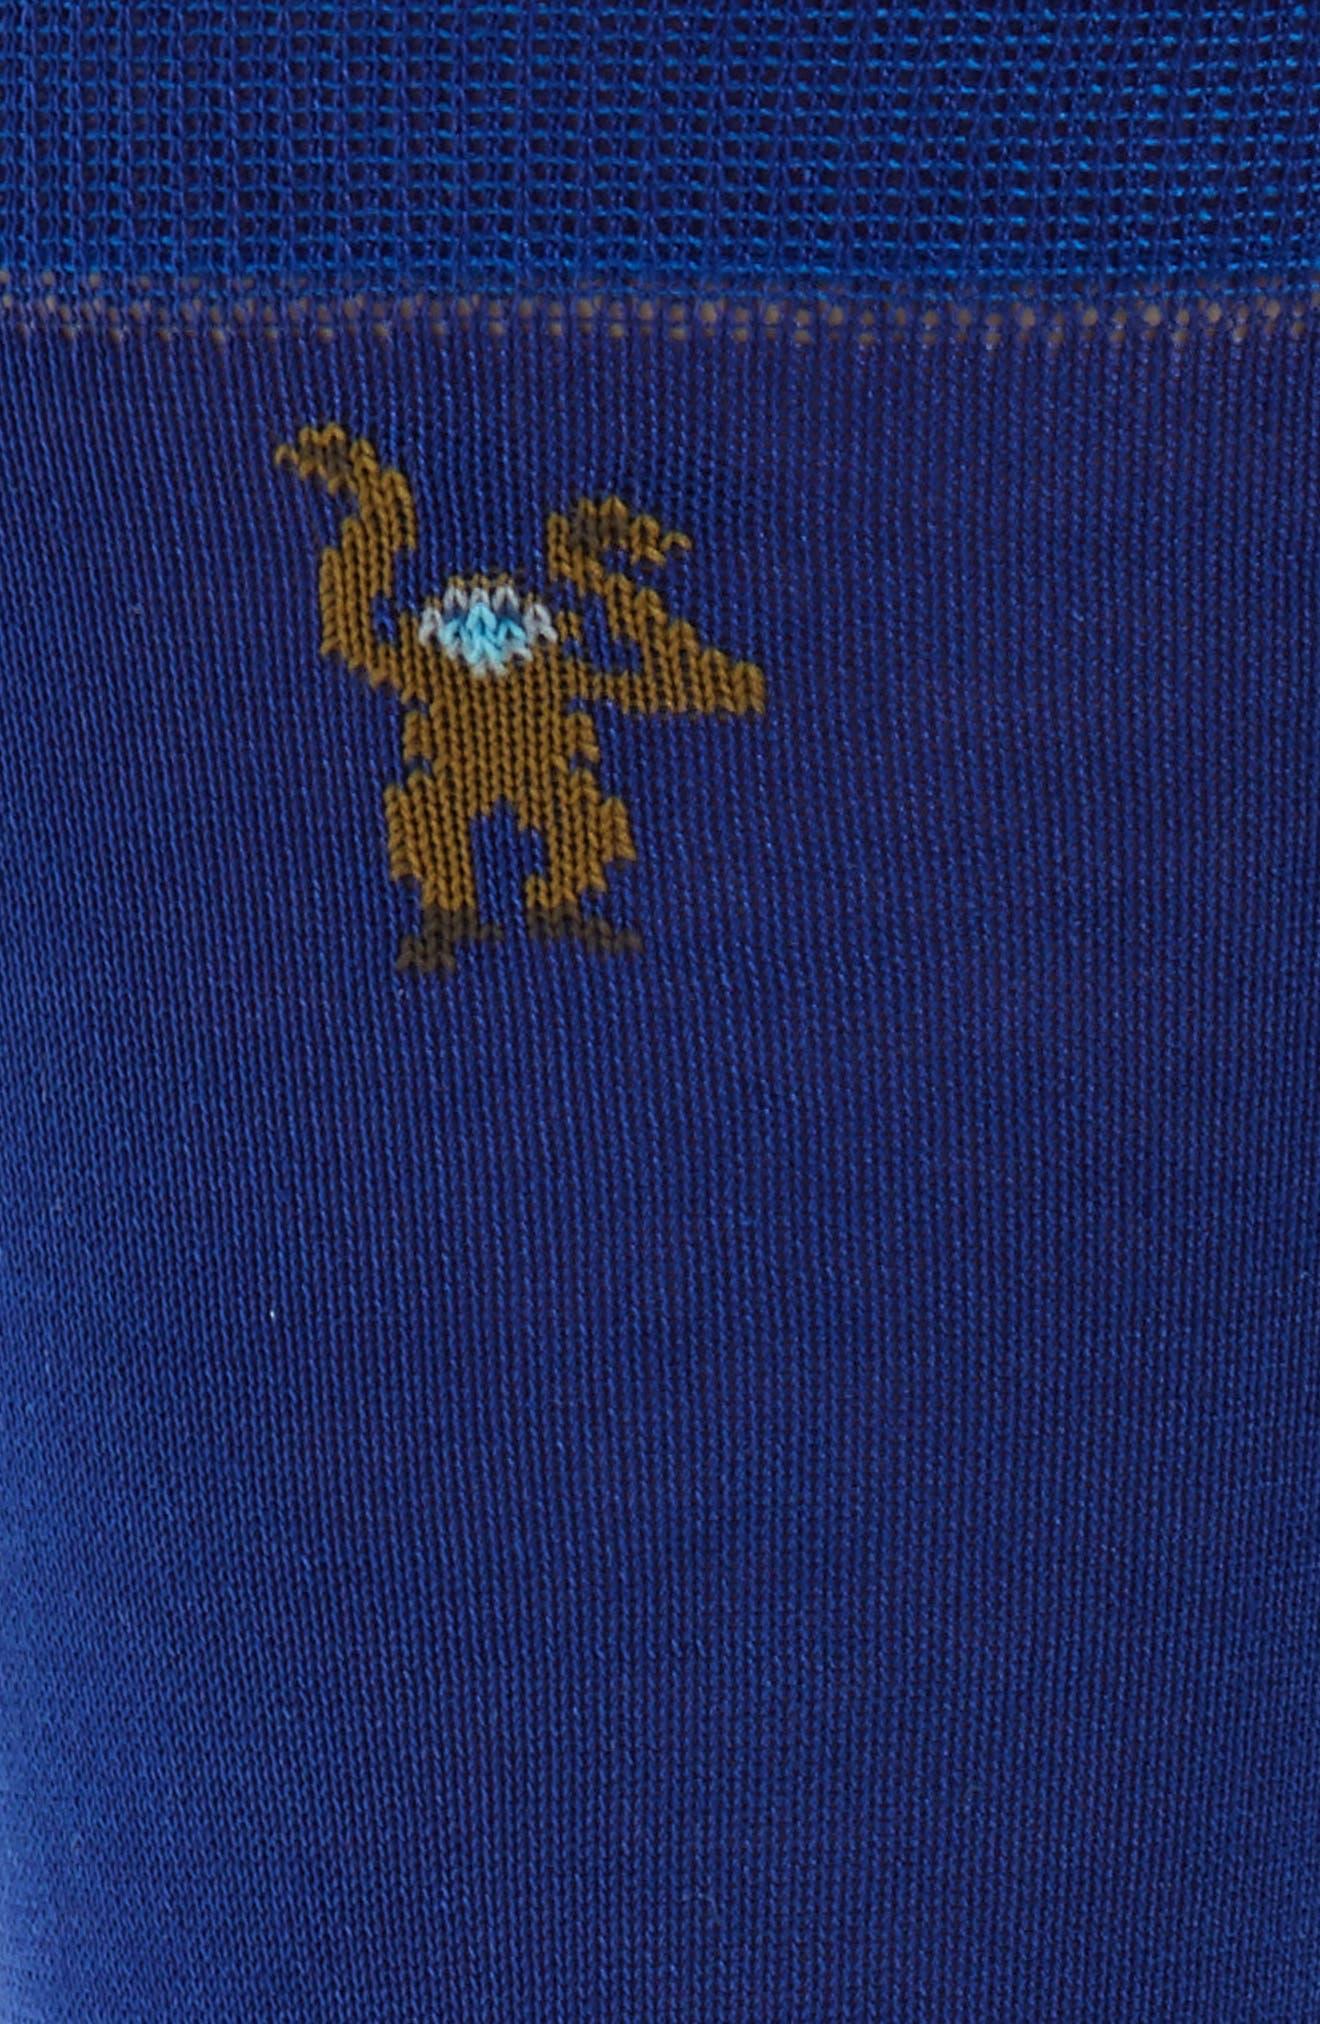 Monkey Socks,                             Alternate thumbnail 2, color,                             450